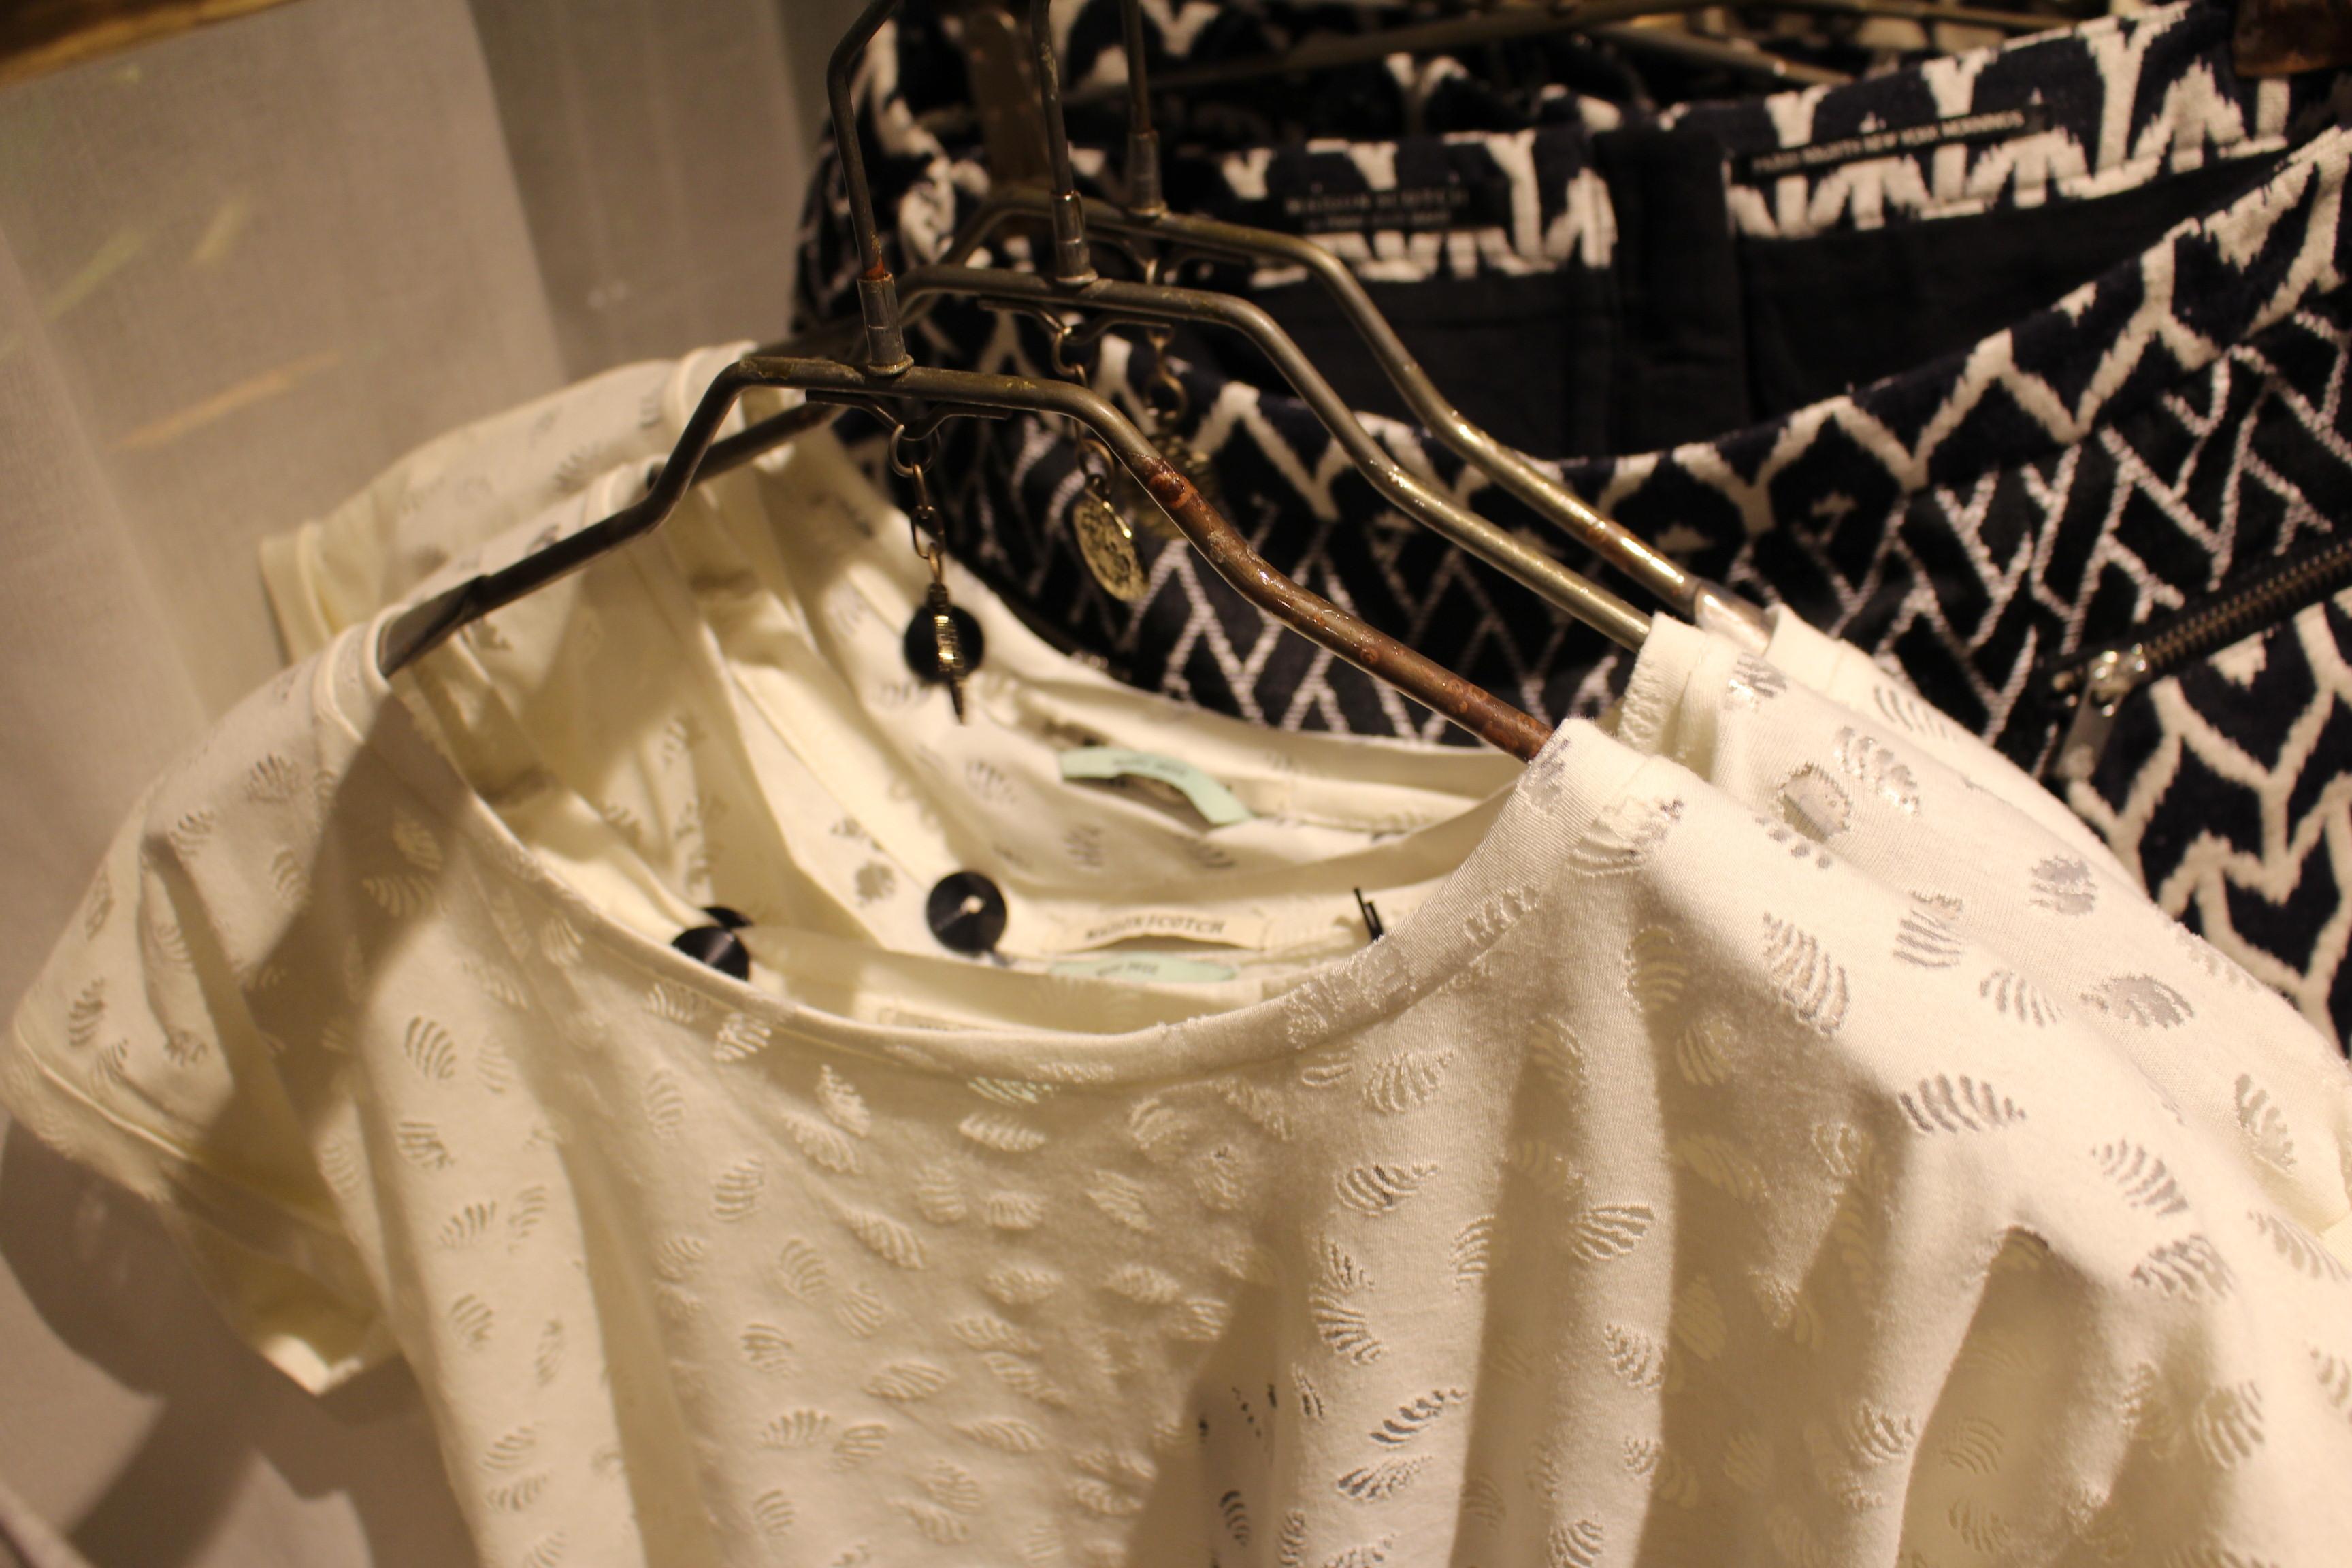 Fashioncircuz by Jenny img_4414 SCOTCH & SODA STORE OPENING IN DÜSSELDORF